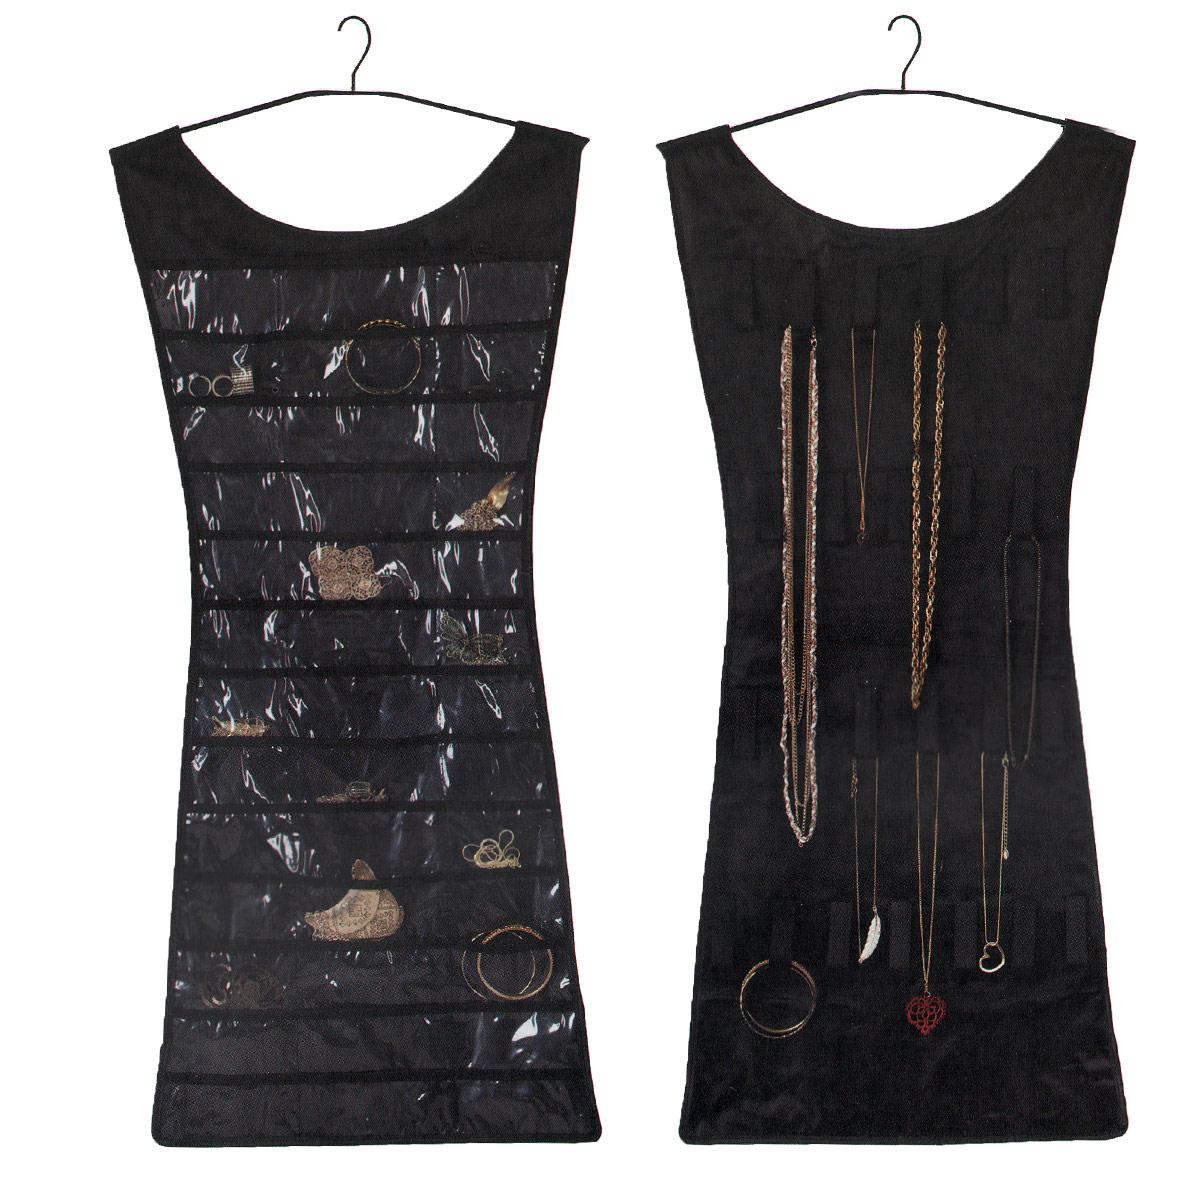 Органайзер для украшений Umbra Little black dress, цвет: черный, 46,4 х 92 см74-0120Органайзер Umbra Little black dress создан для всего, что есть в коллекции модницы: на одной стороне 24 петельки для бус, цепочек, браслетов, часов и массивных серег, на другой - 39 прозрачных кармана для мелких вещиц (кольца, клипсы, кулоны). Благодаря этой гениальной вещи вся бижутерия будет в порядке, а главное, не нужно искать понадобившуюся вещь - она всегда на виду. Еще одна удобная деталь: органайзер можно повесить прямо в шкаф, вешалка включена в комплект. Так что теперь, подбирая украшения к наряду, вы потратите меньше времени. Размер органайзера: 46,5 см х 107 см.